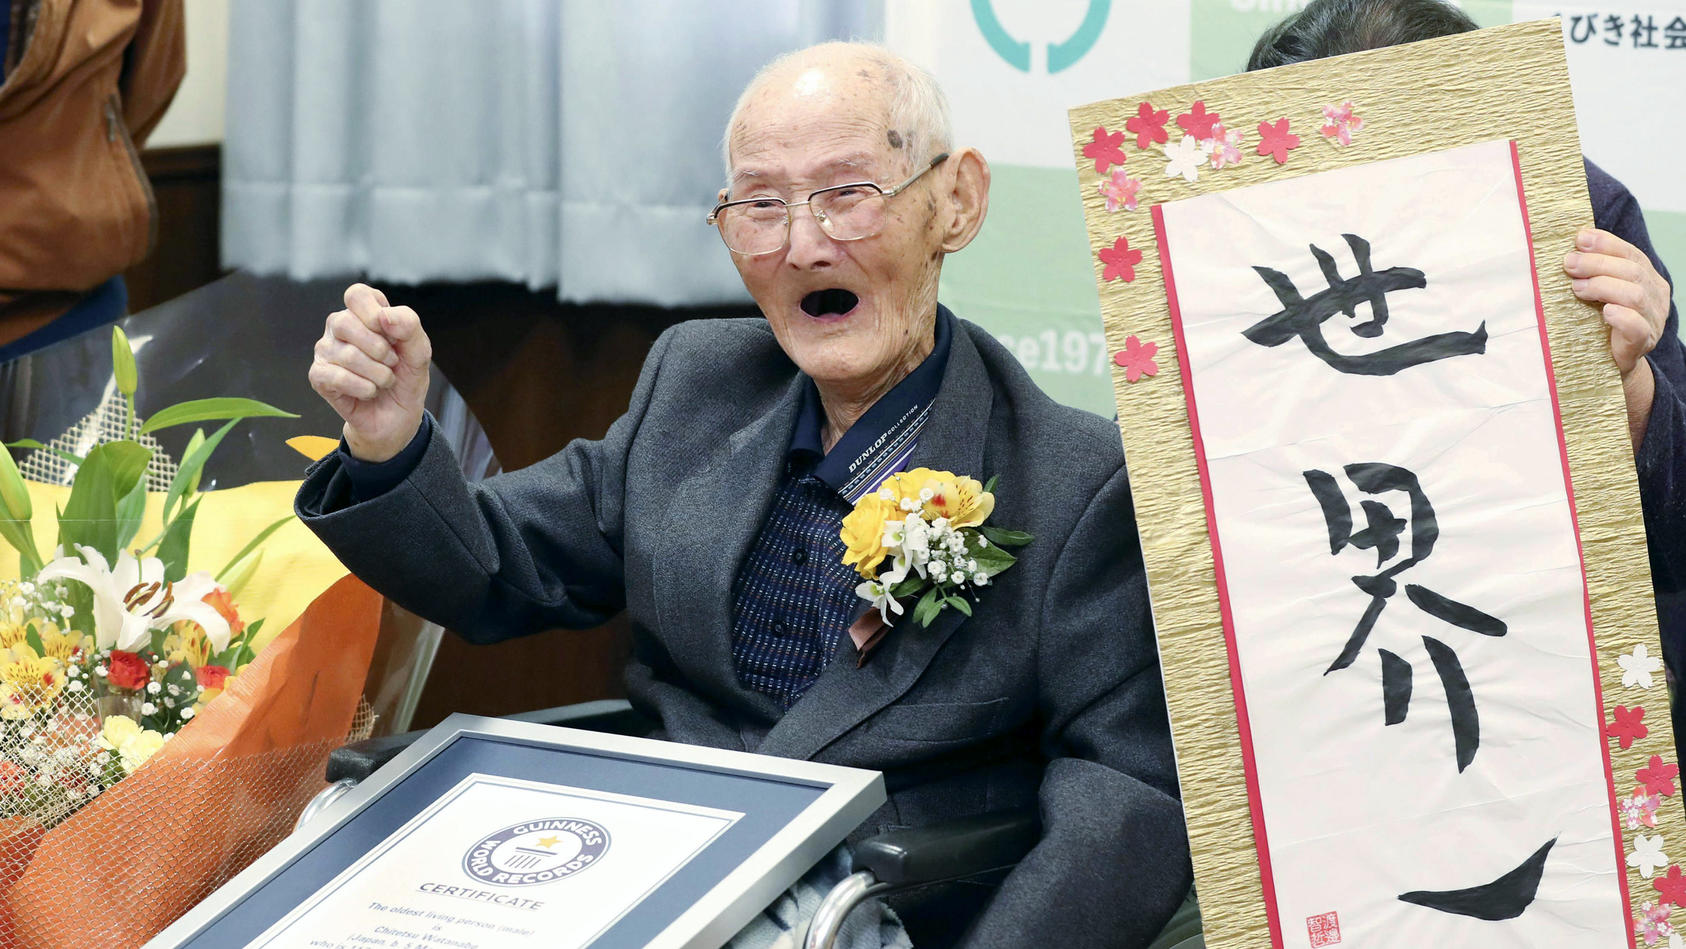 Chitetsu Watanabe erhielt erst am 12. Februar 2020 das Zertifikat als der älteste lebende Mann der Welt.